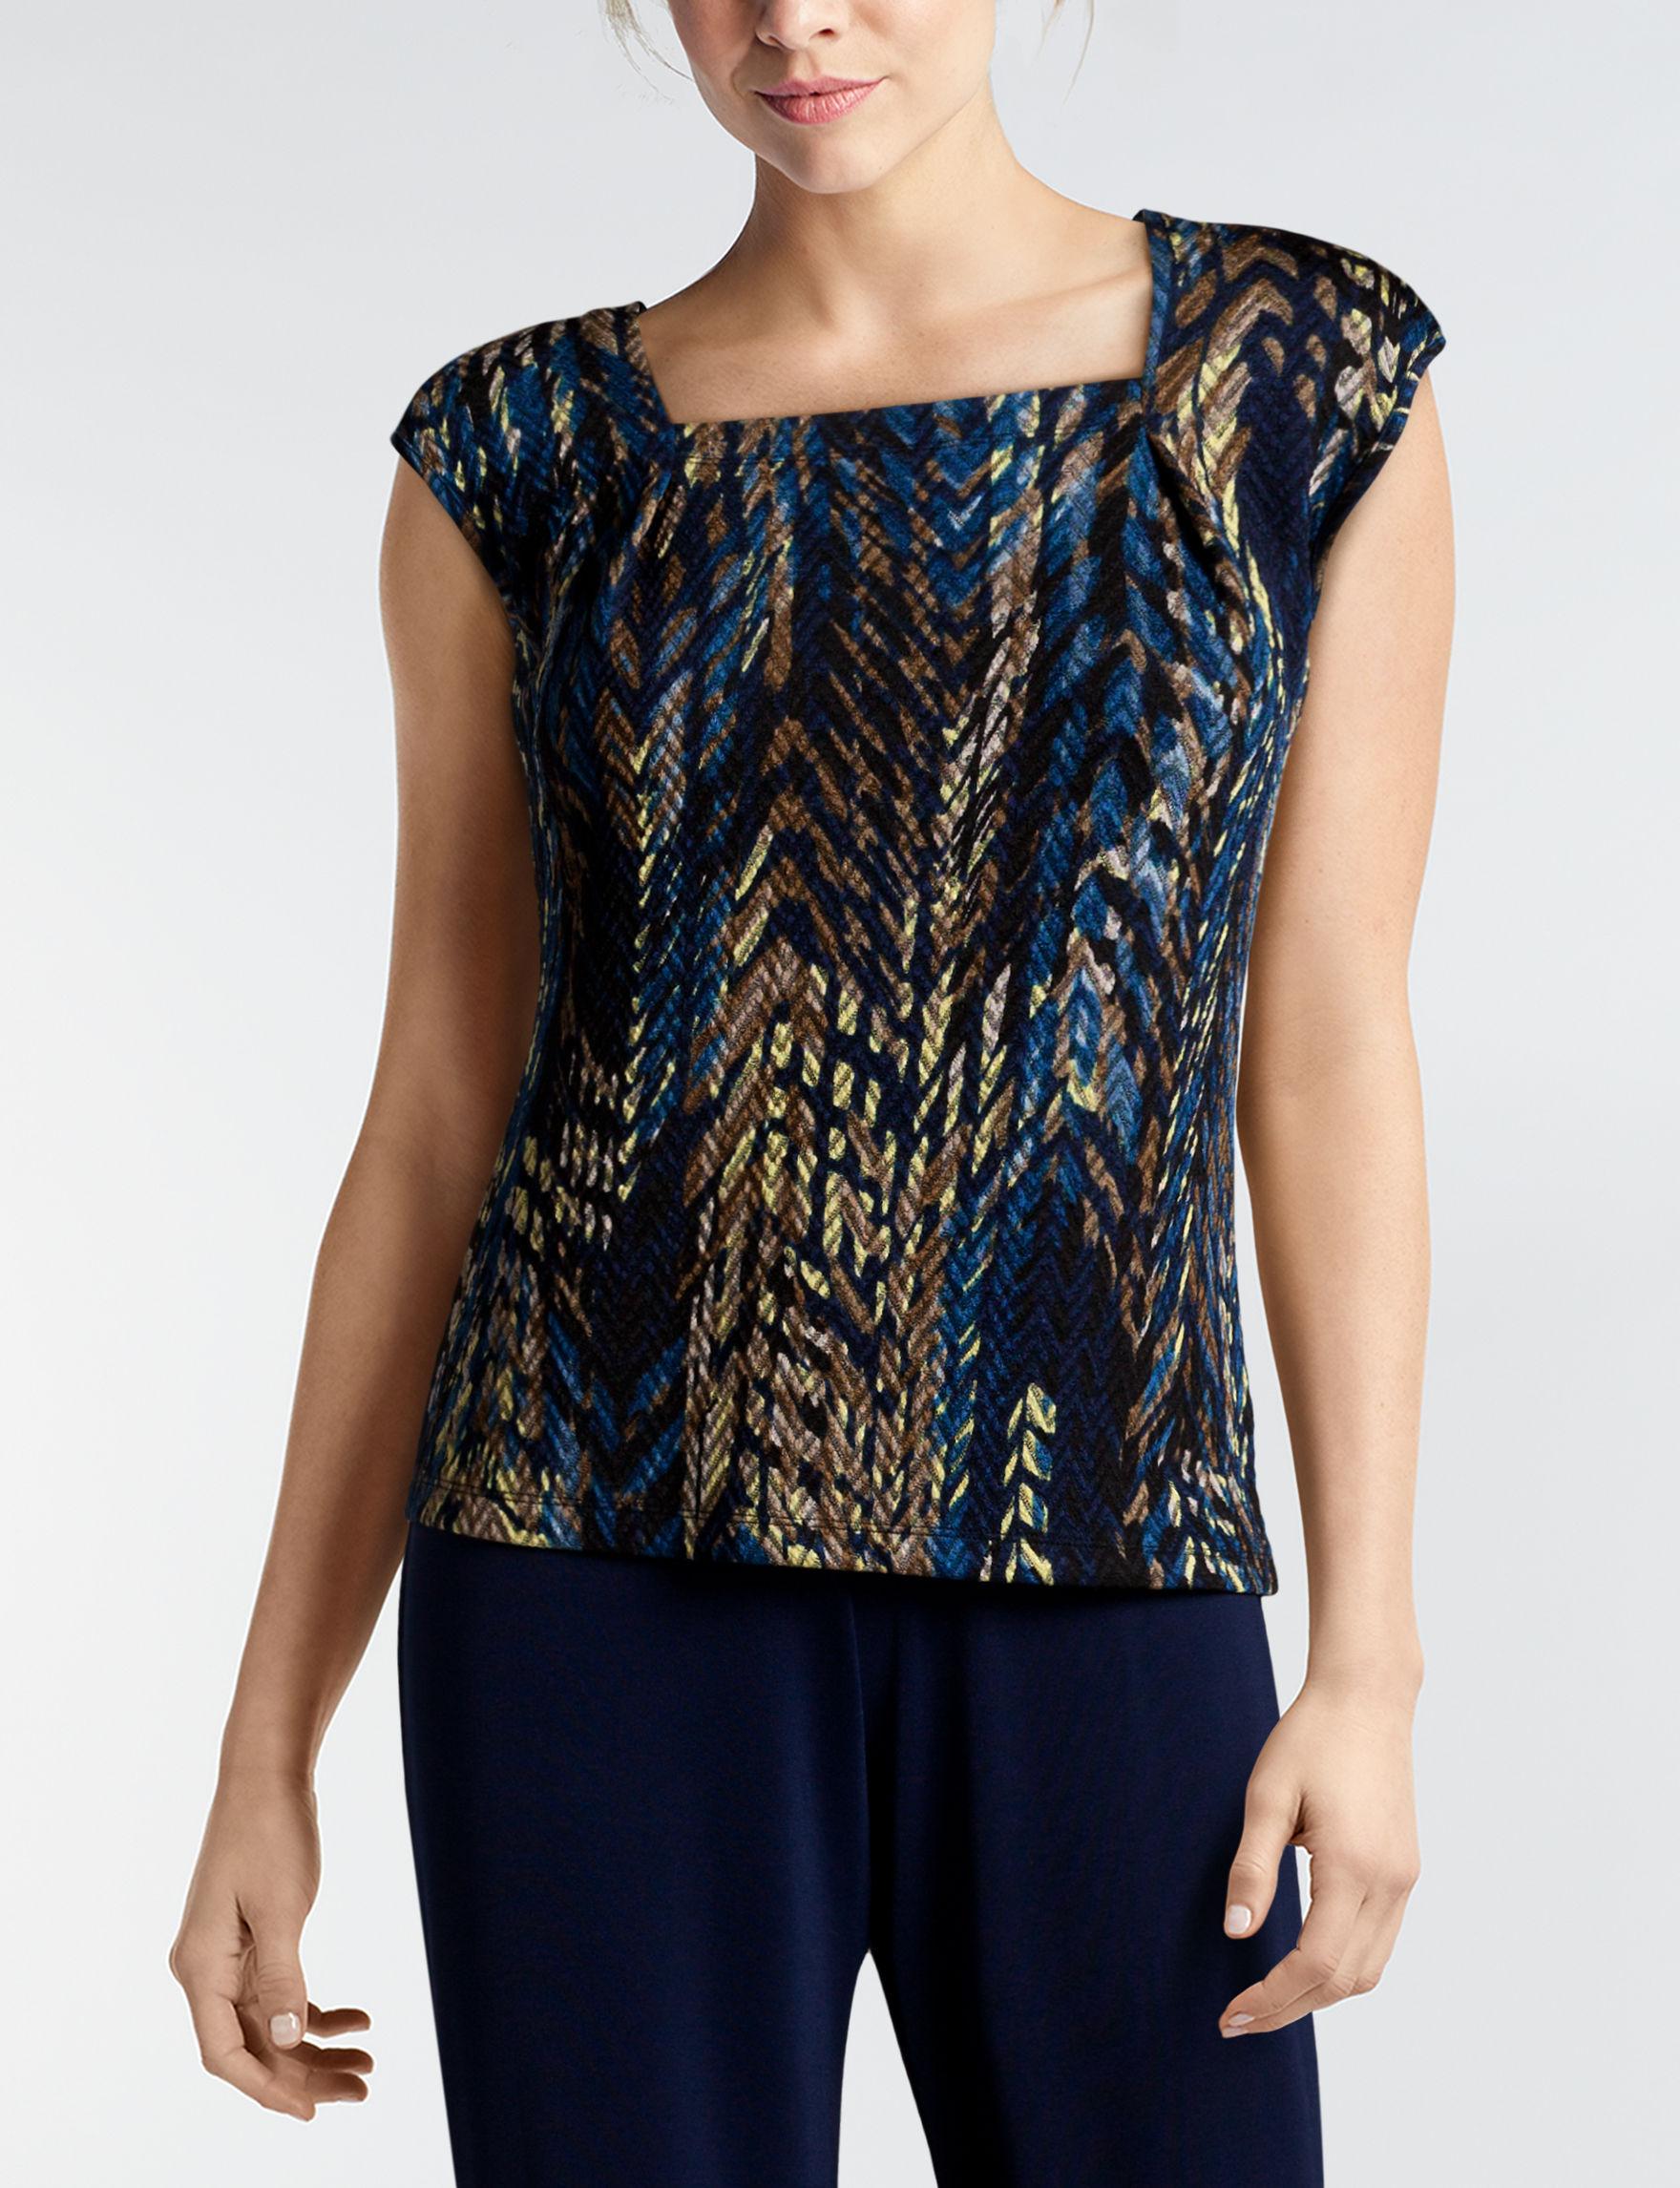 Kasper Blue / Multi Shirts & Blouses